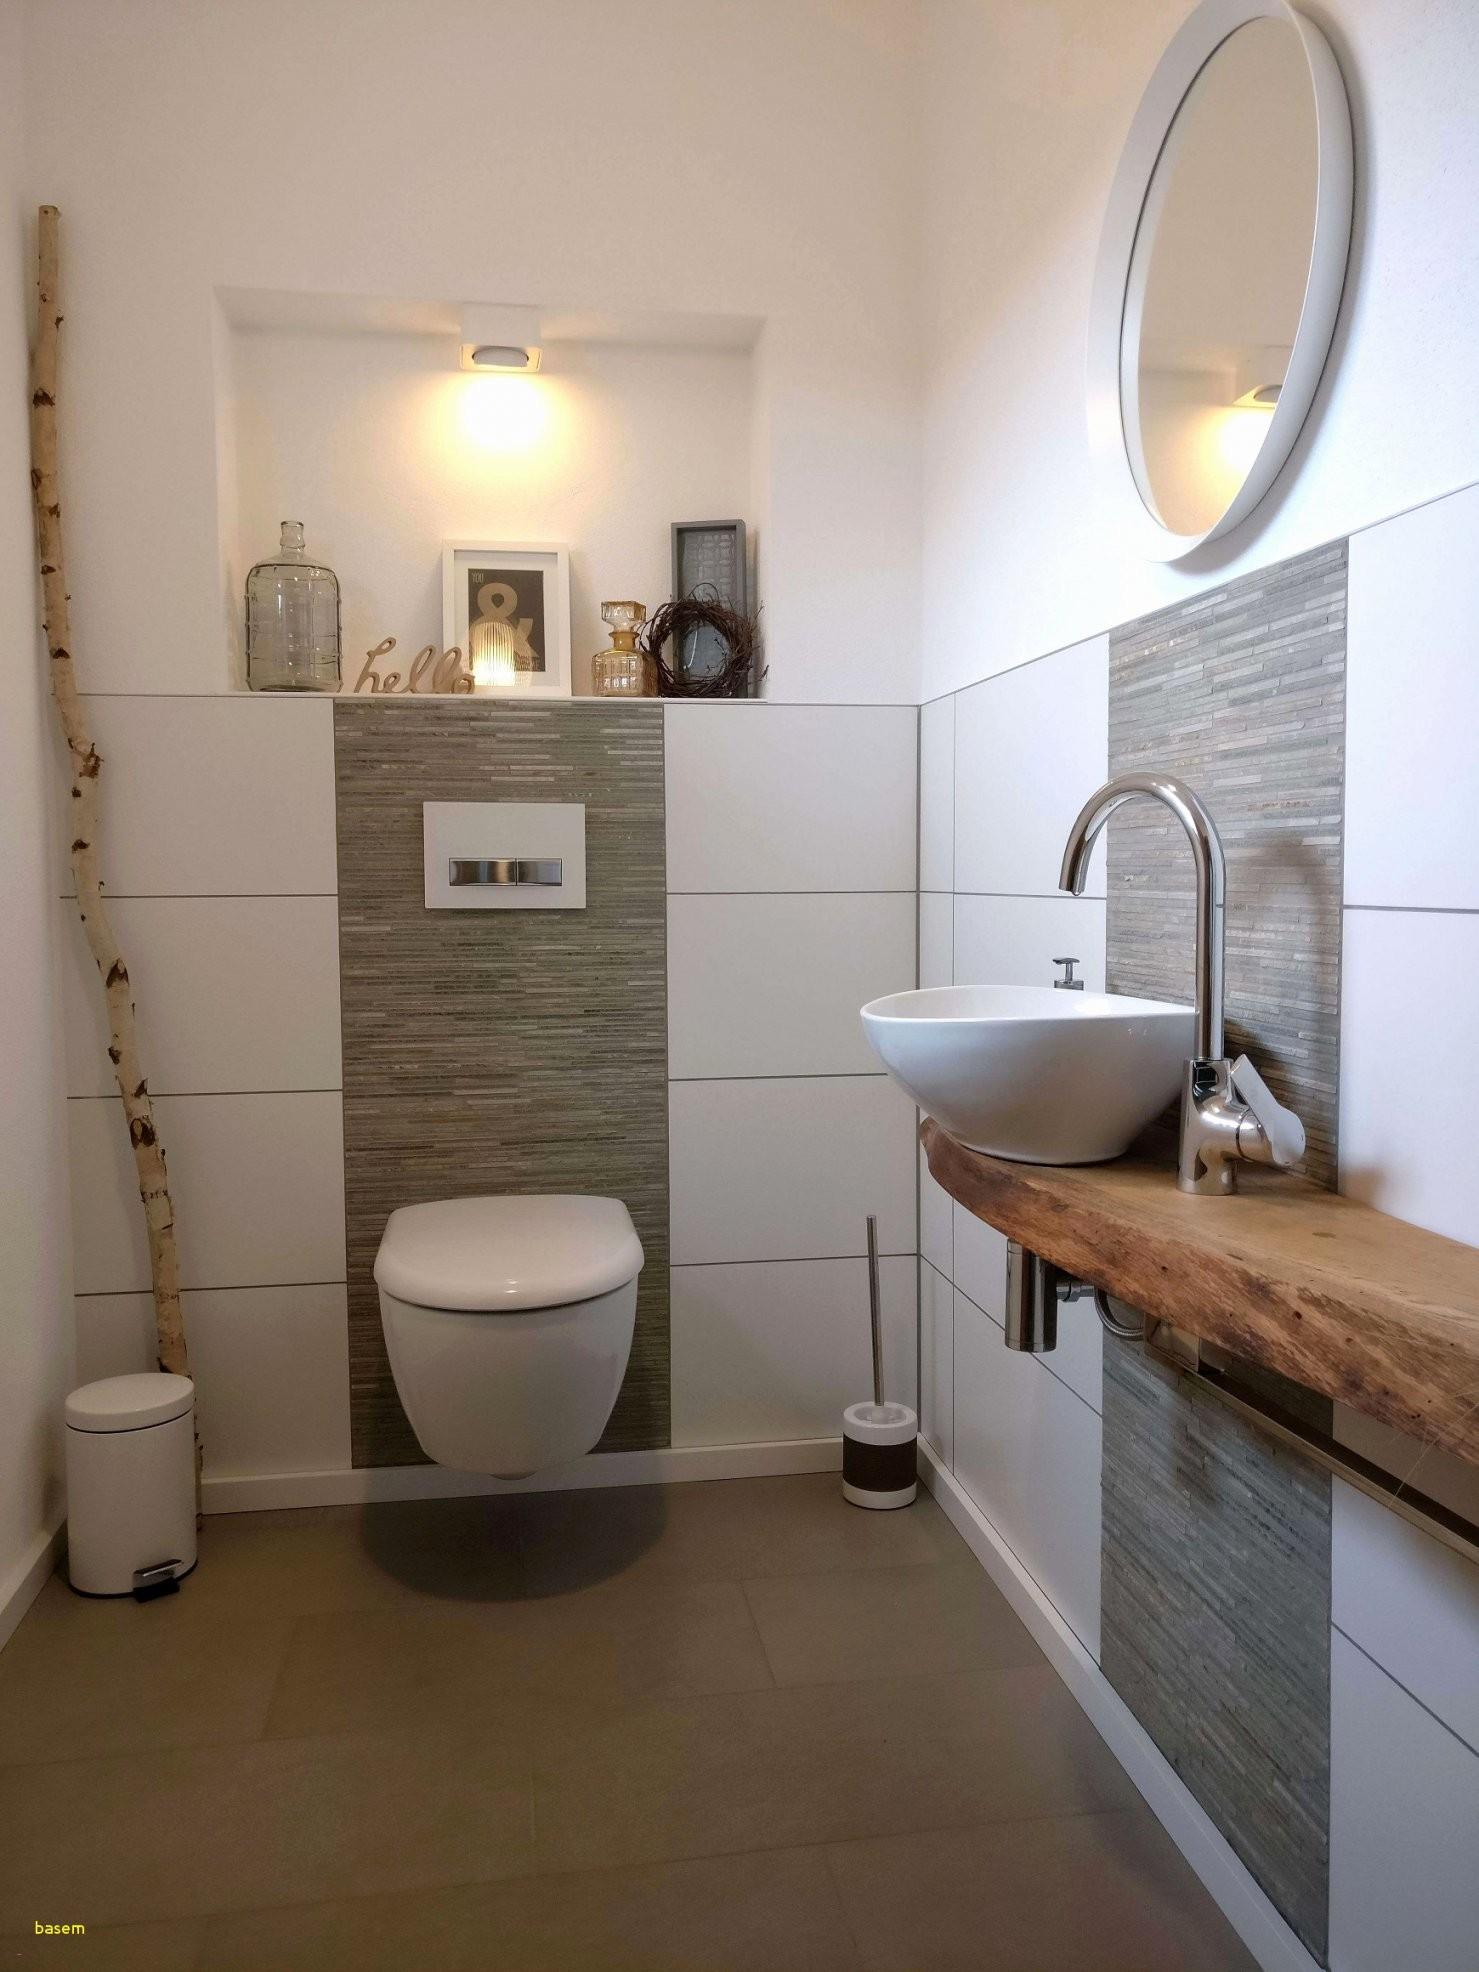 Bad Renovieren Ideen Schön Badezimmer Umbau 25 Neueste Badezimmer von Ideen Für Badezimmer Renovierung Photo